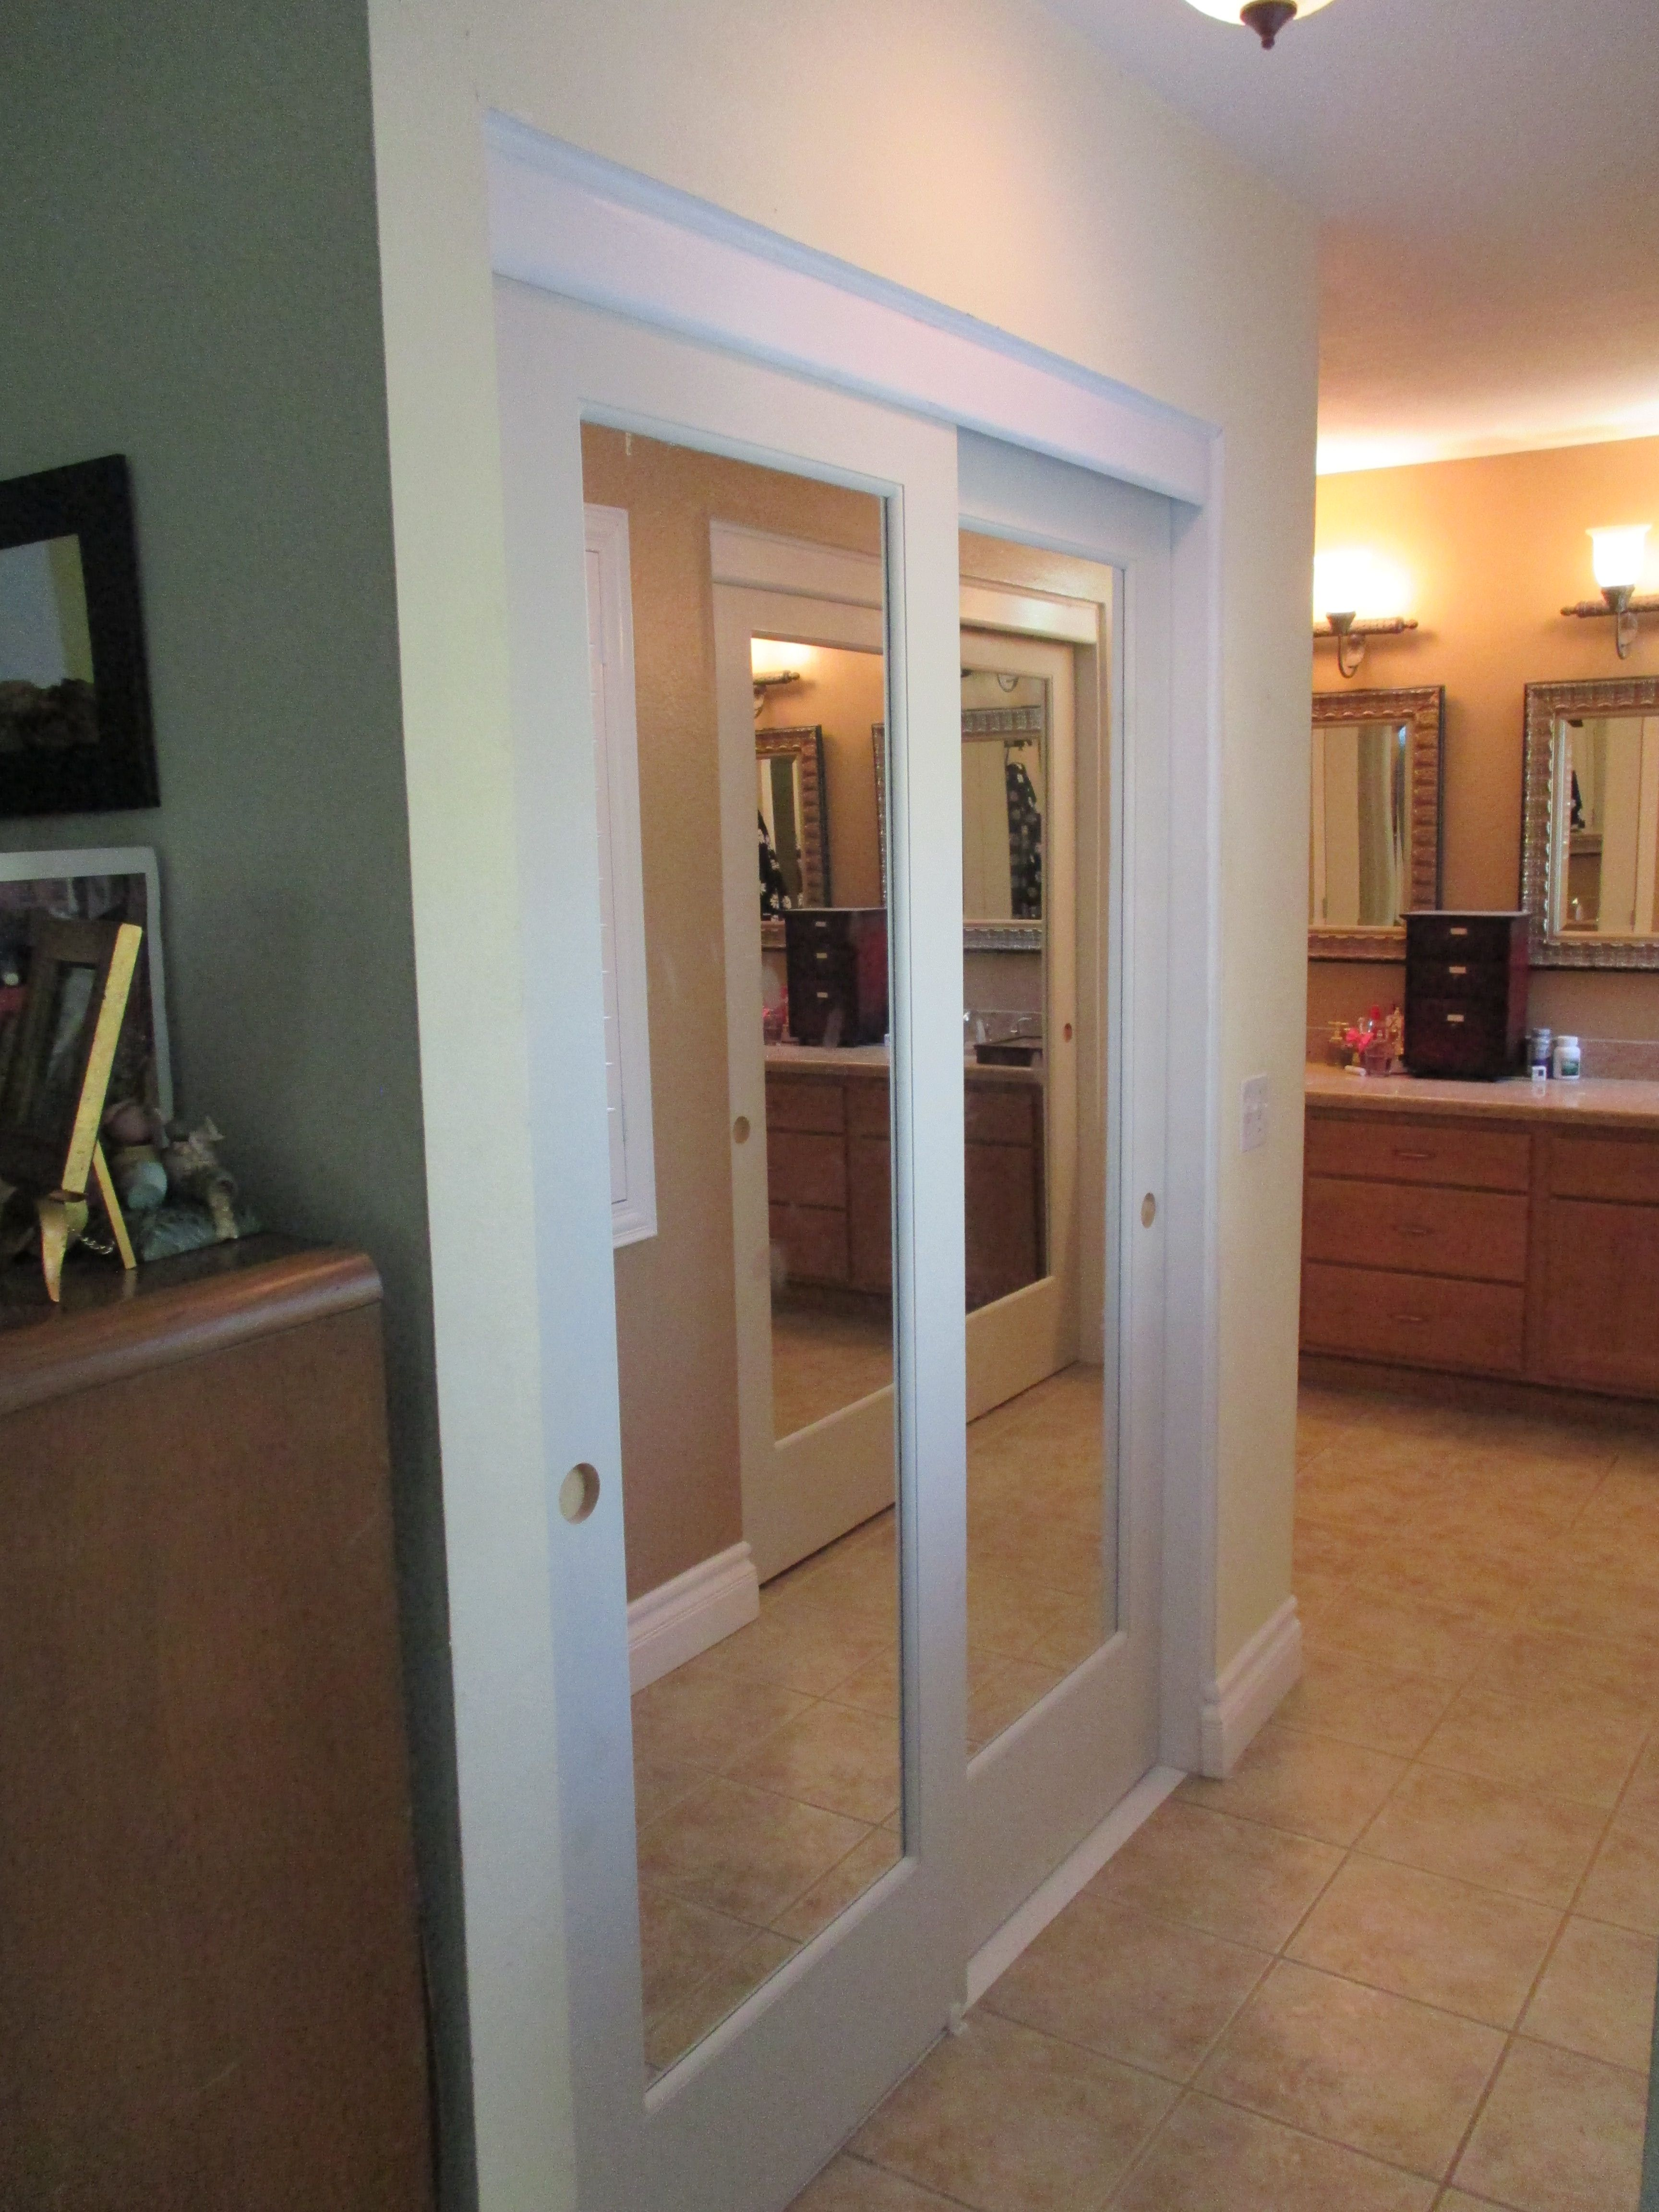 Ovation Mirror Bypass Sliding Closet Doors Top Hung Mirror